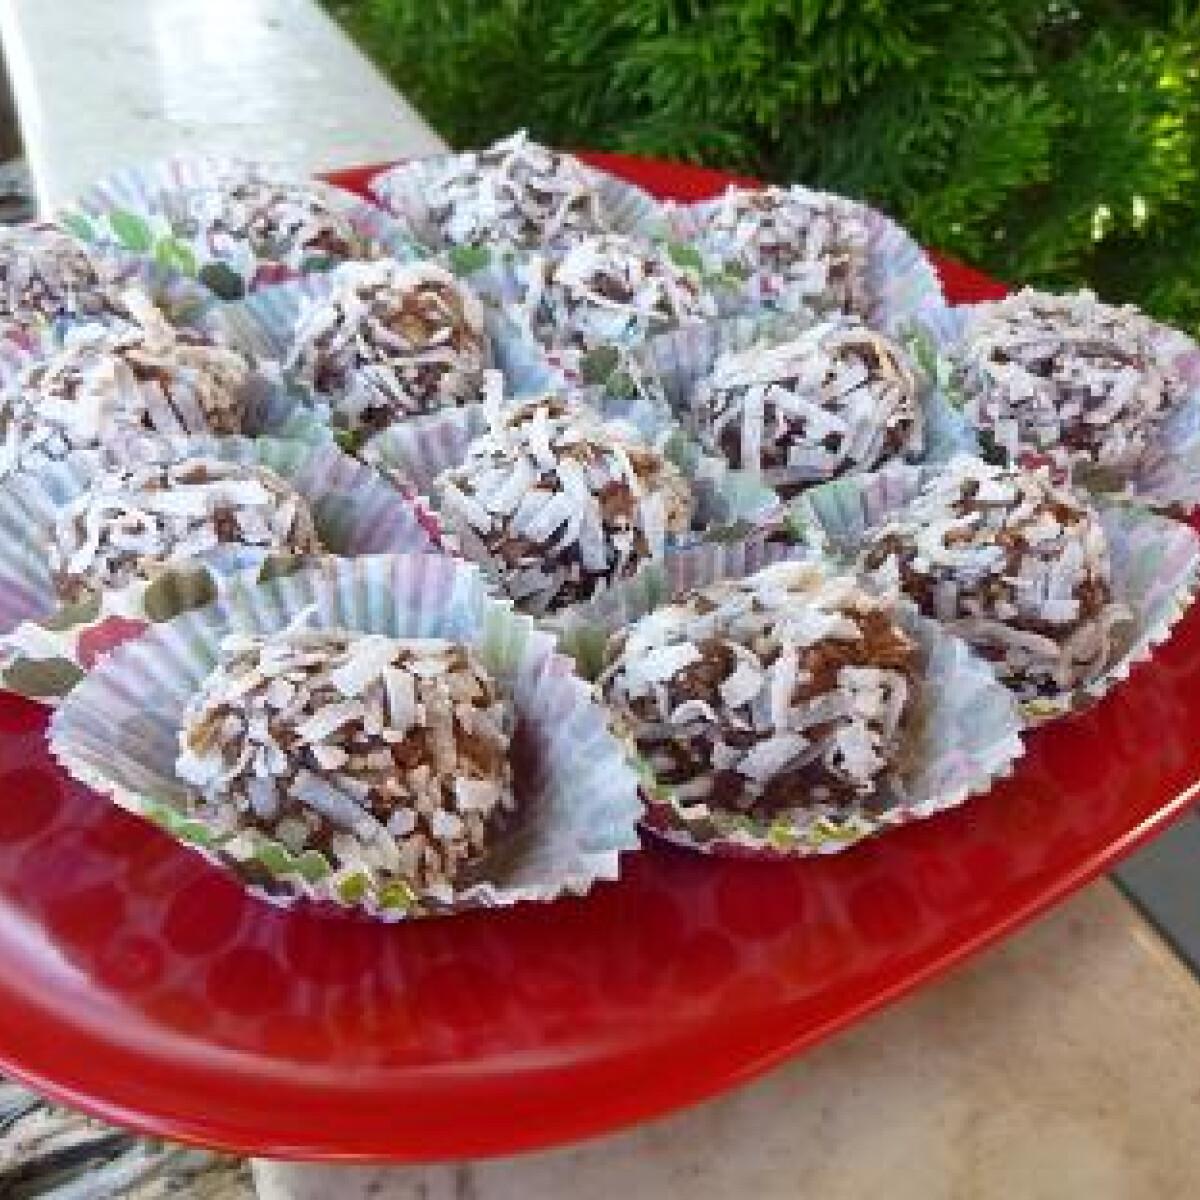 Krumplis kókuszgolyó